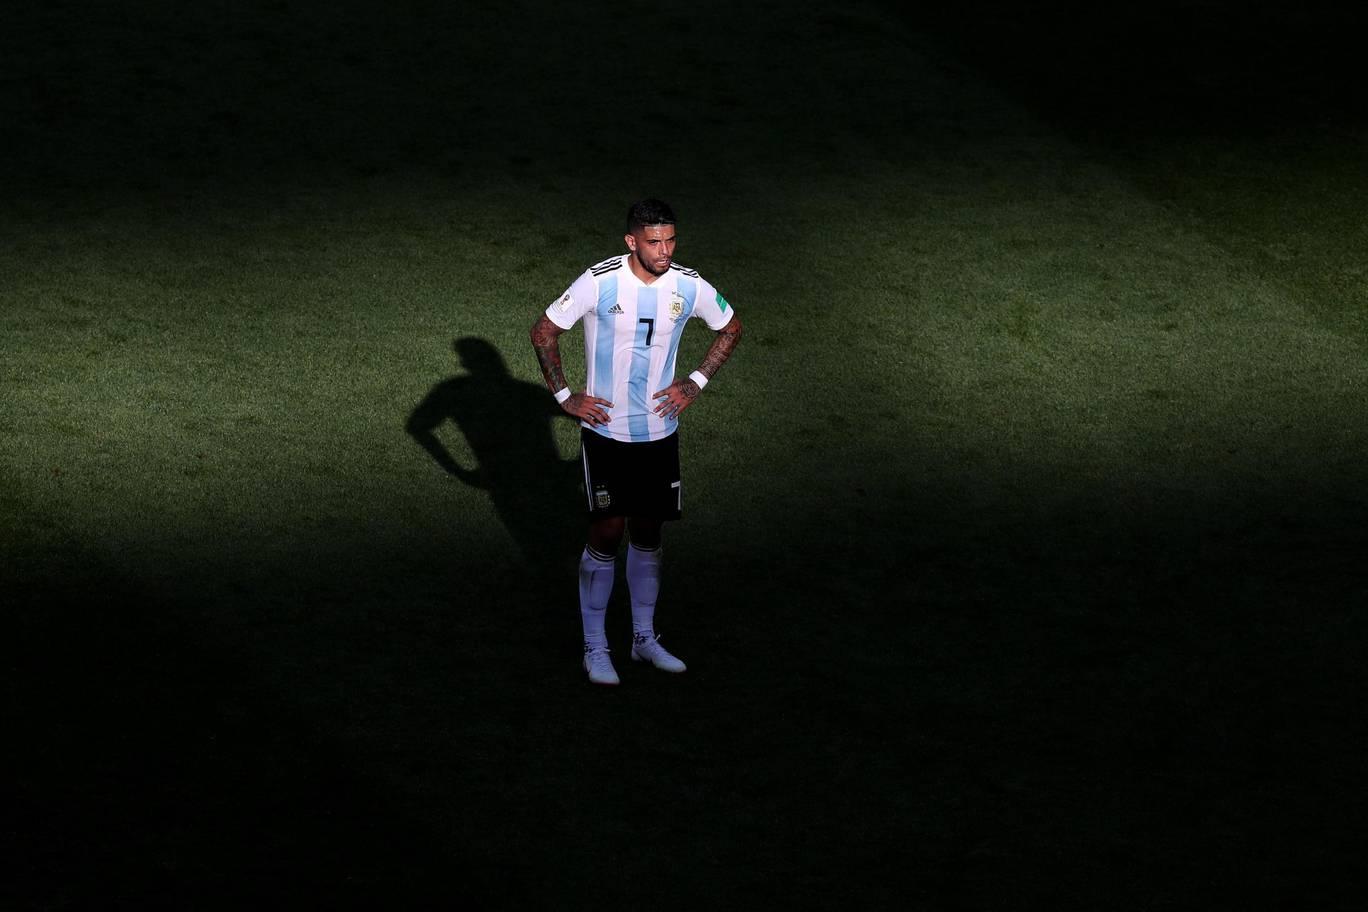 Chấm điểm Argentina: Thảm họa hàng thủ, Messi lạc lõng - Bóng Đá